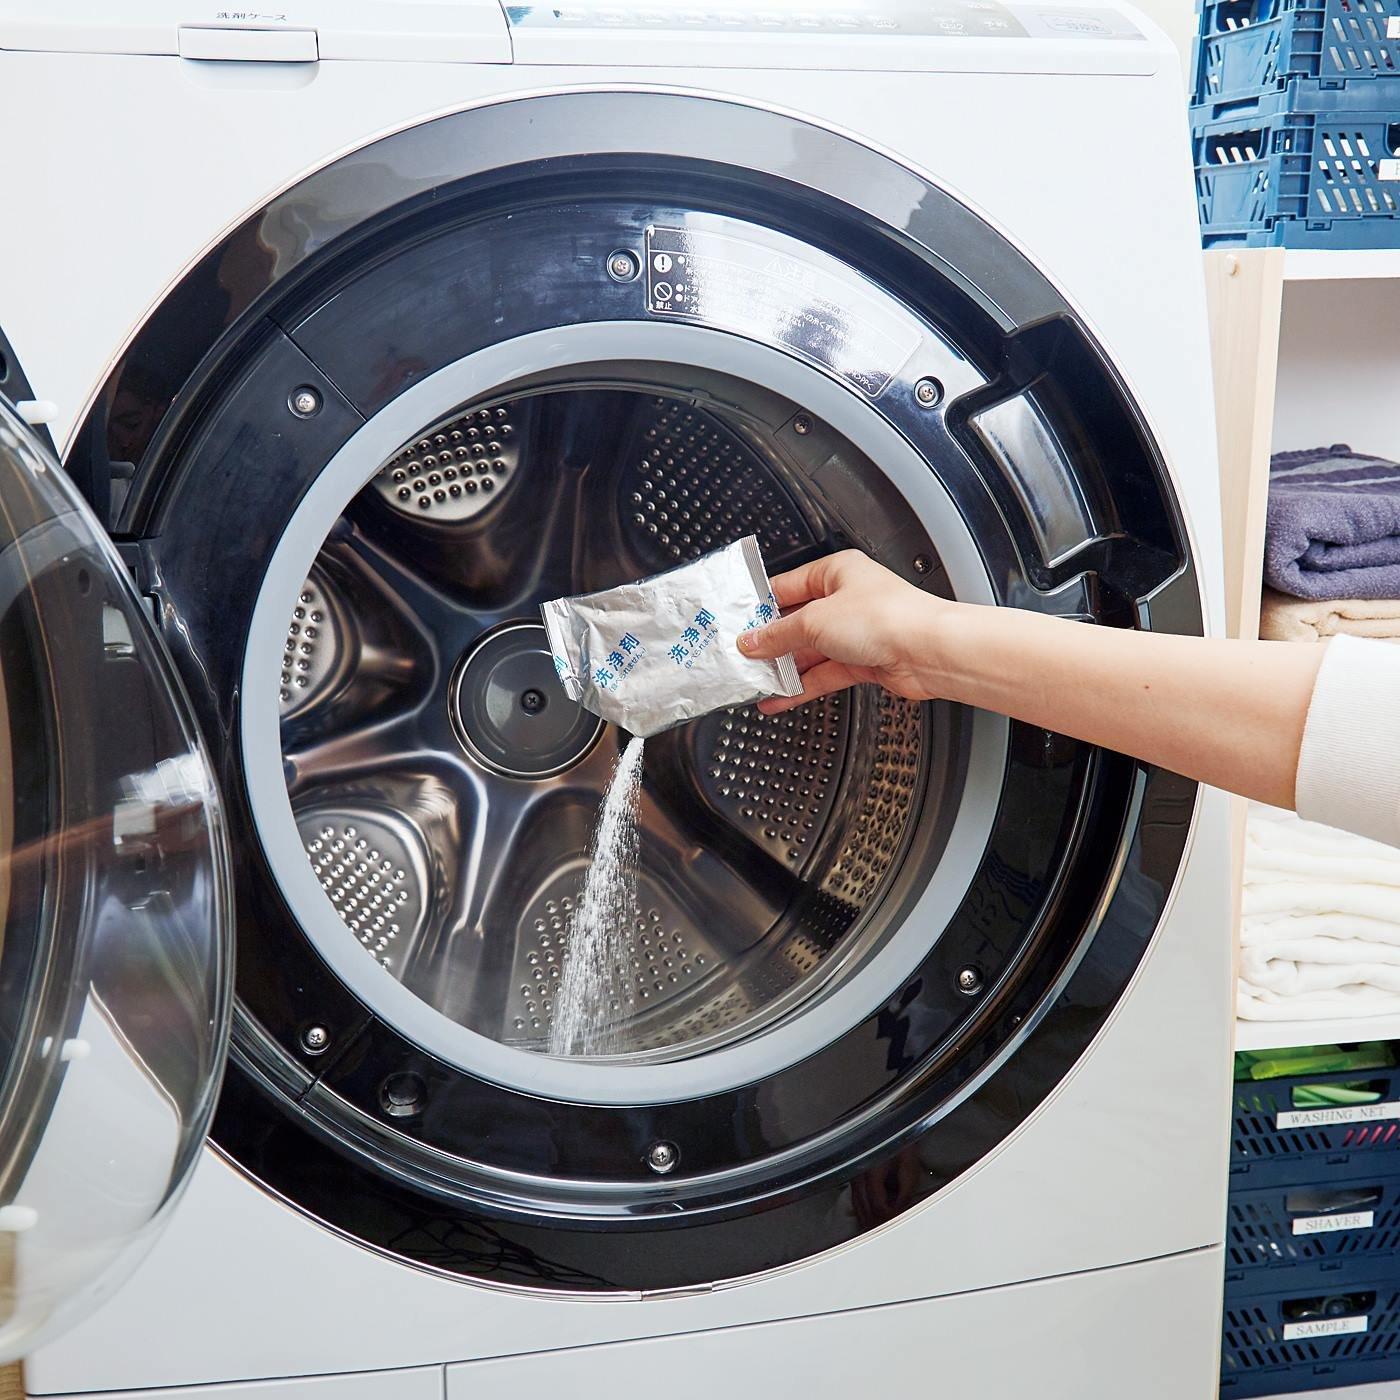 月に1回のきれい習慣! 泡もこもこ ドラム式洗濯槽クリーナーの会